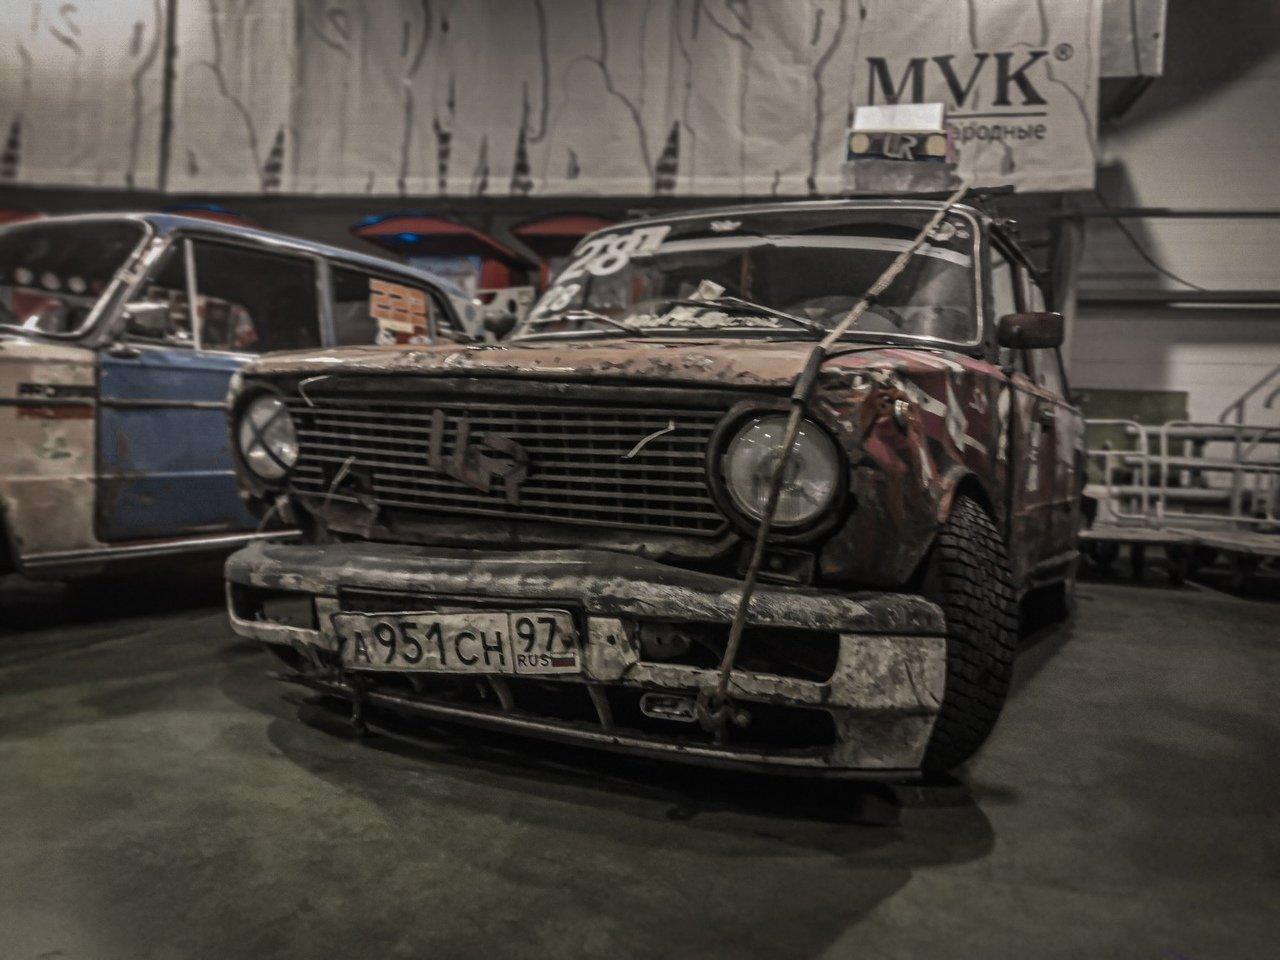 В Москве состоялась «Жигули-экспо»: Показали около сотни прокачанных машин